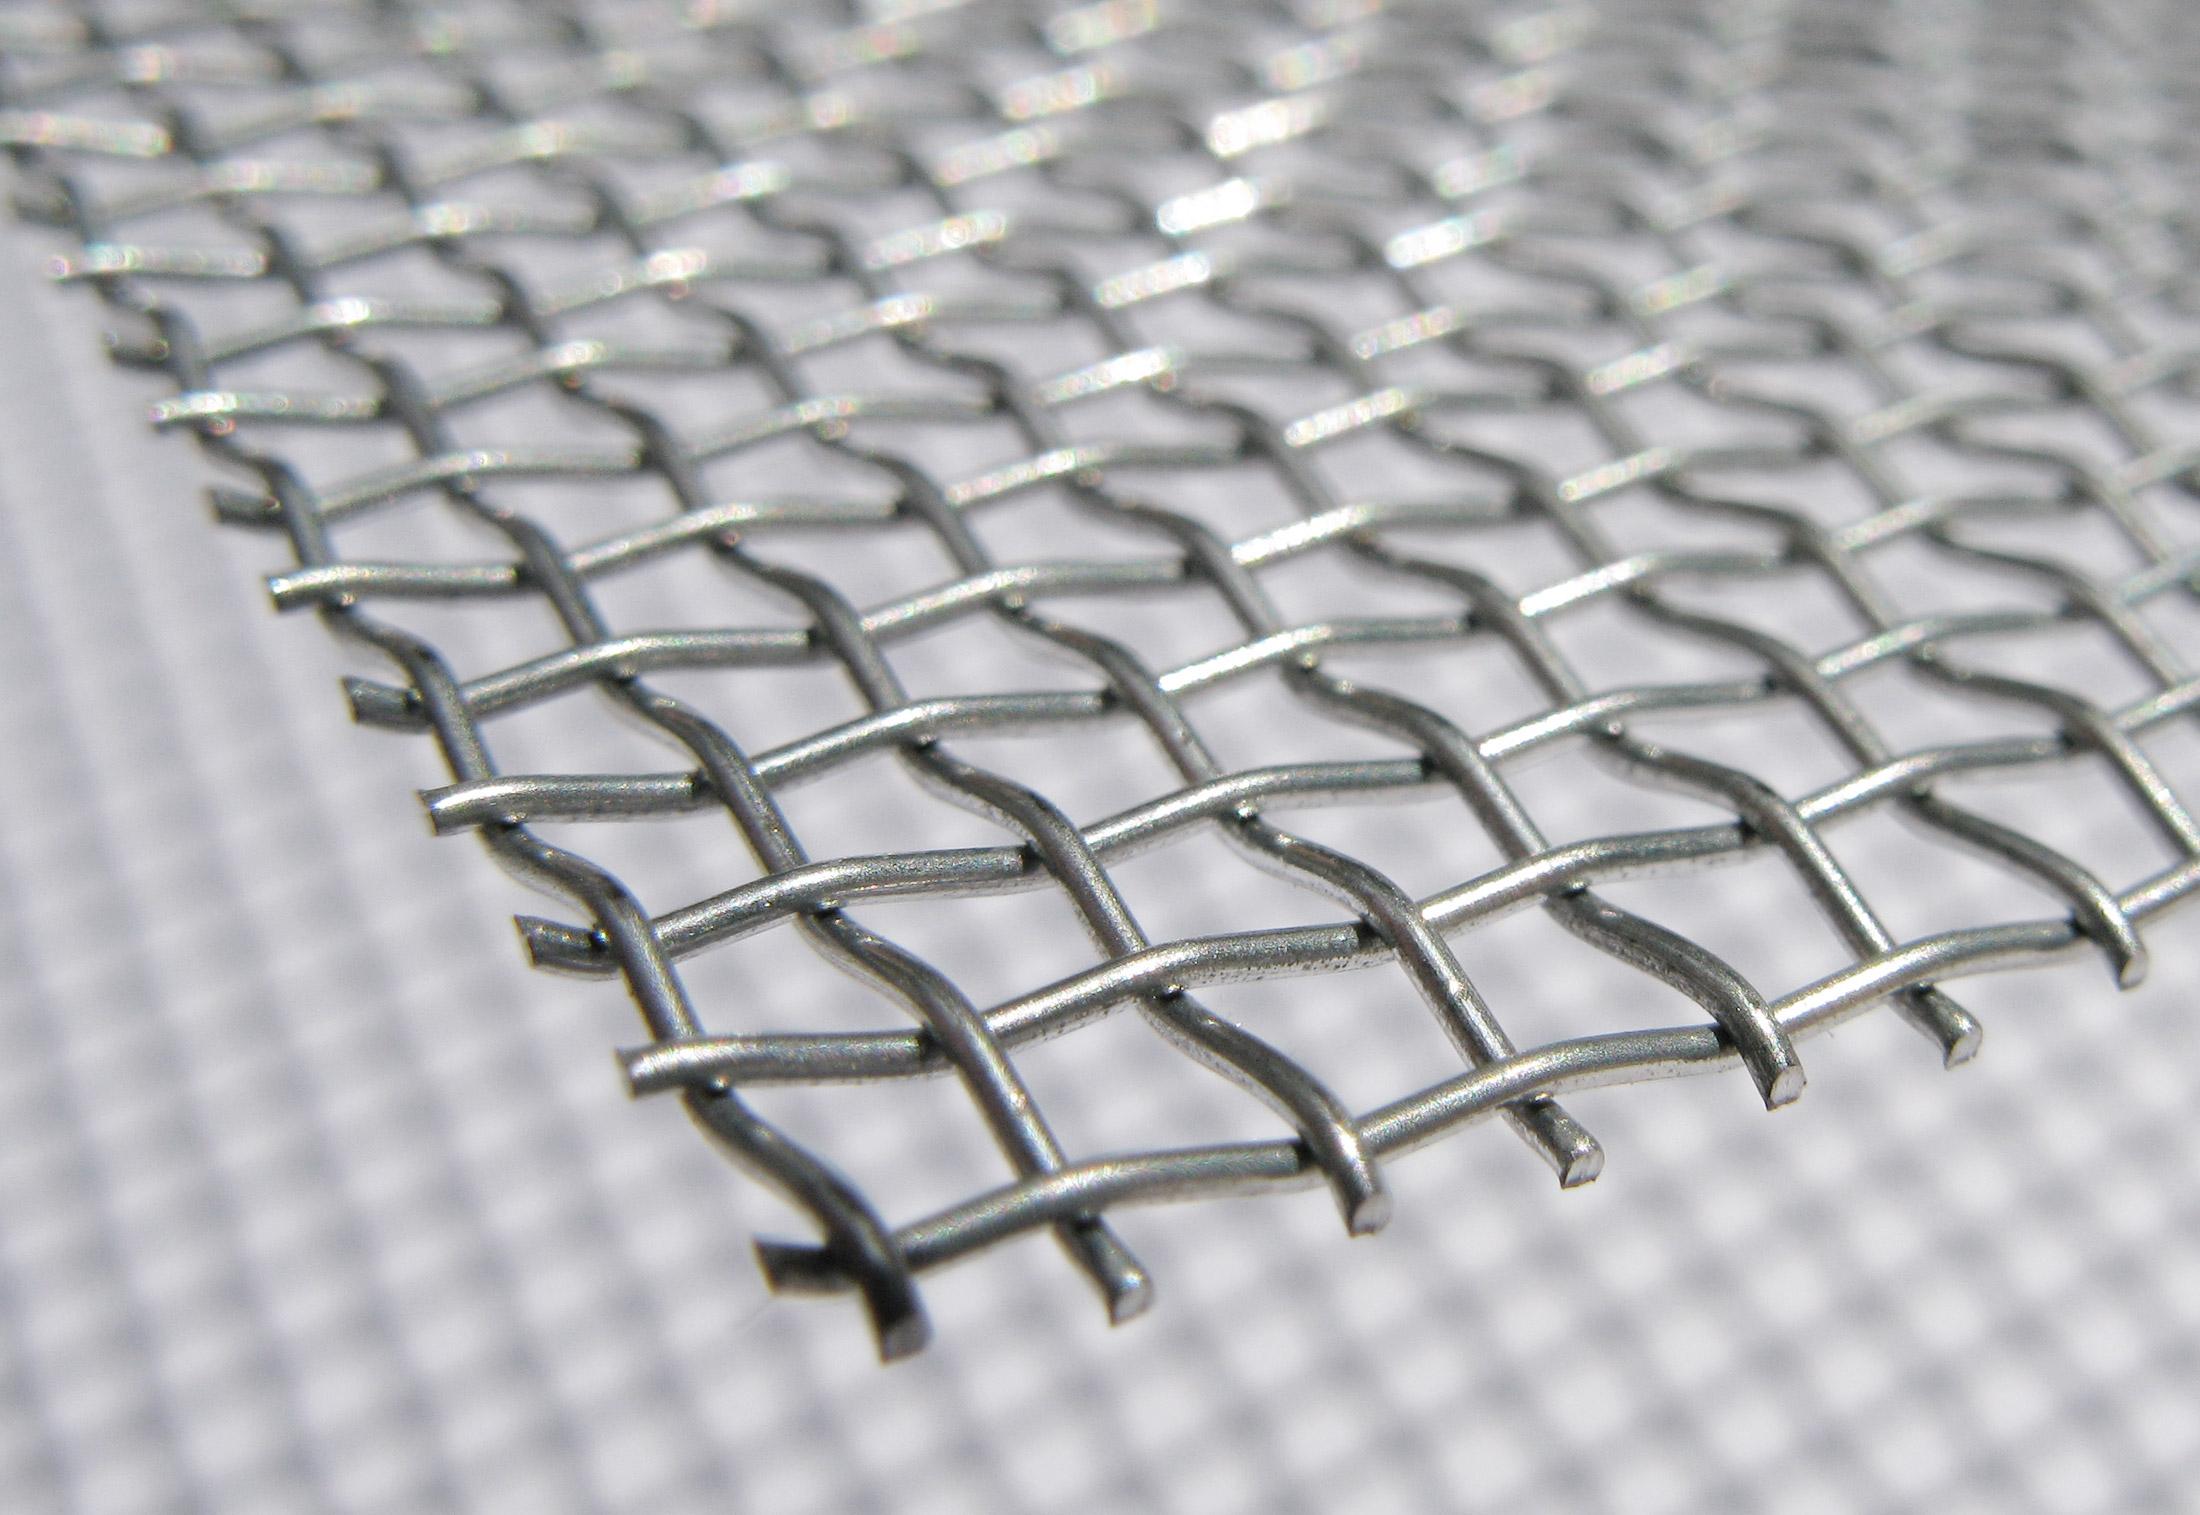 Galvanised Steel Wire Mesh by Weisse & Eschrich | STYLEPARK